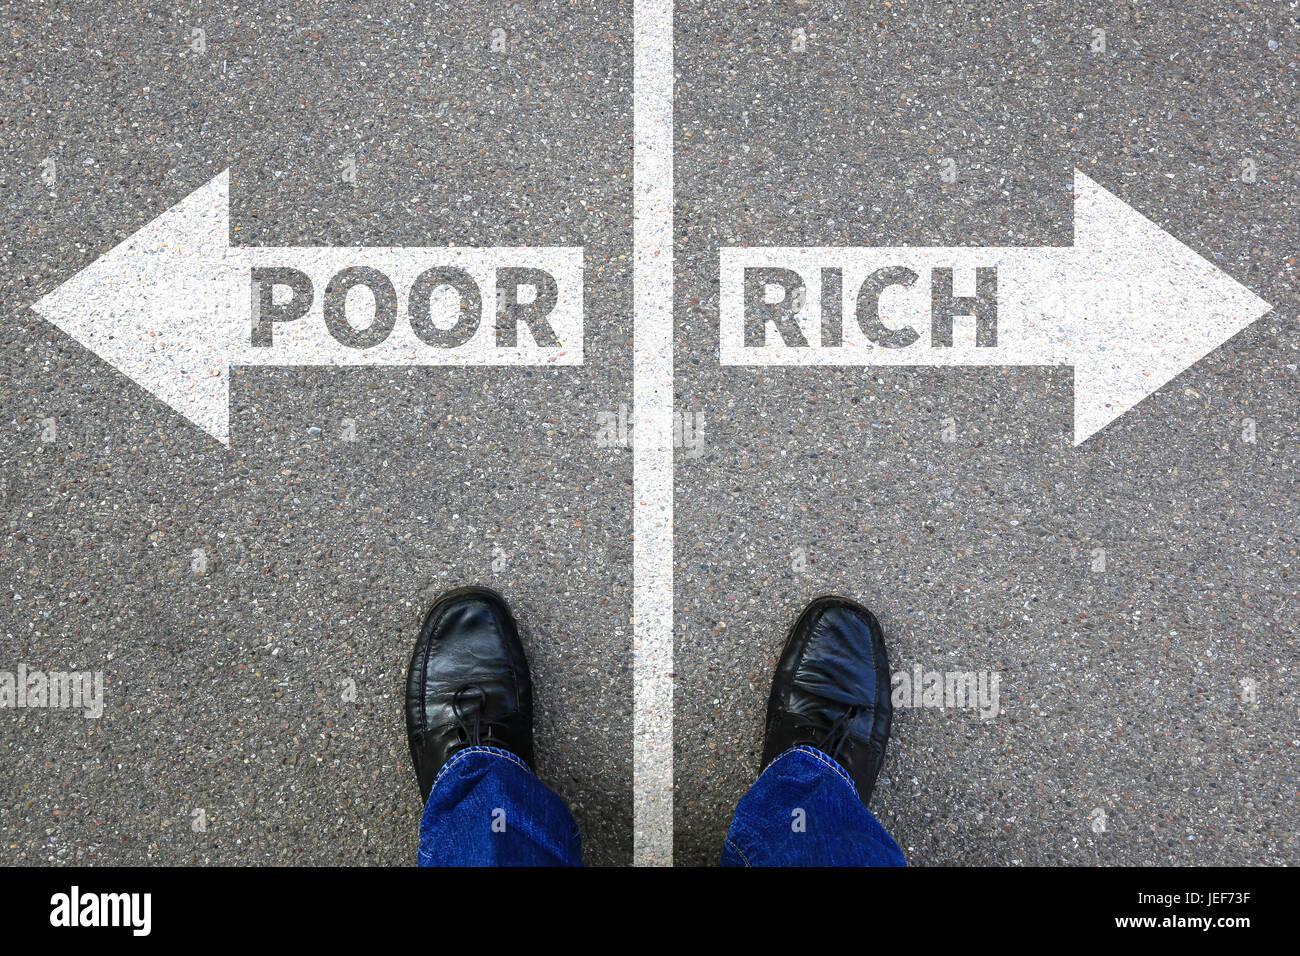 Pobres ricos la pobreza financia el éxito financiero exitoso concepto de negocio de la empresa finanzas Imagen De Stock